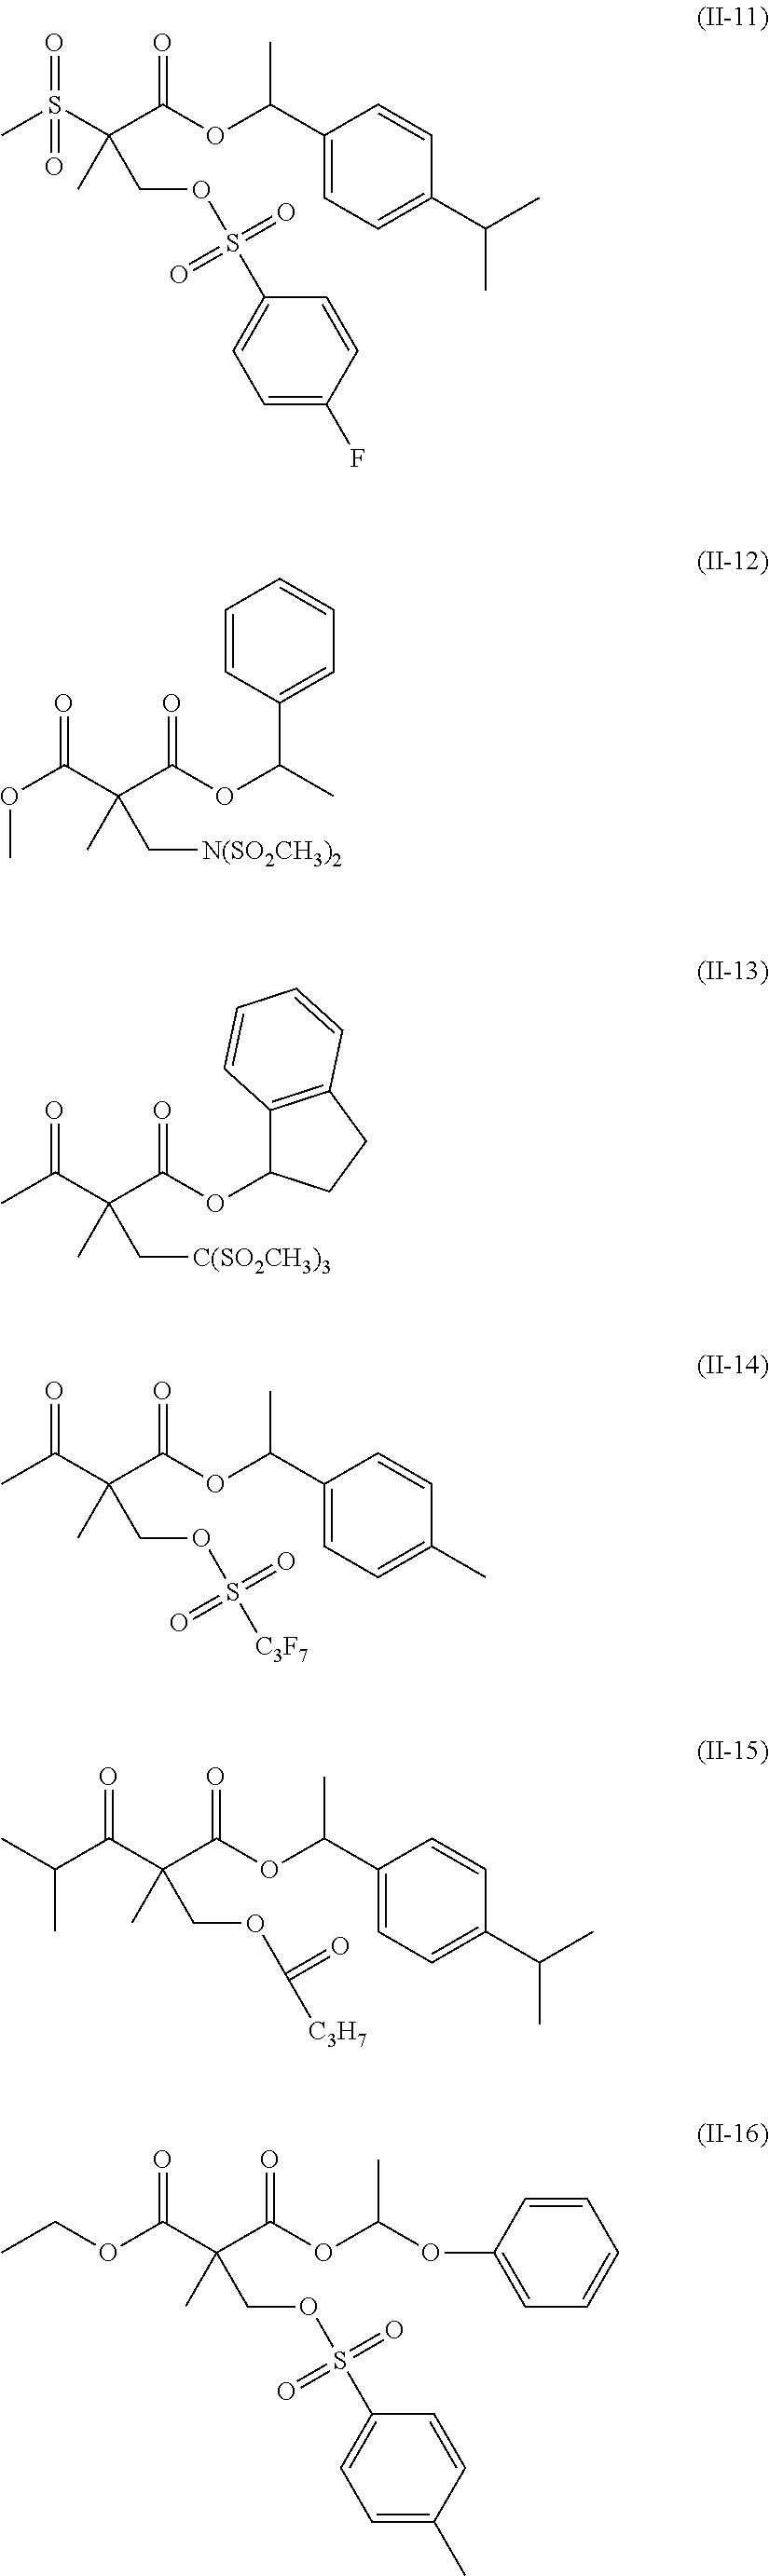 Figure US20110183258A1-20110728-C00095